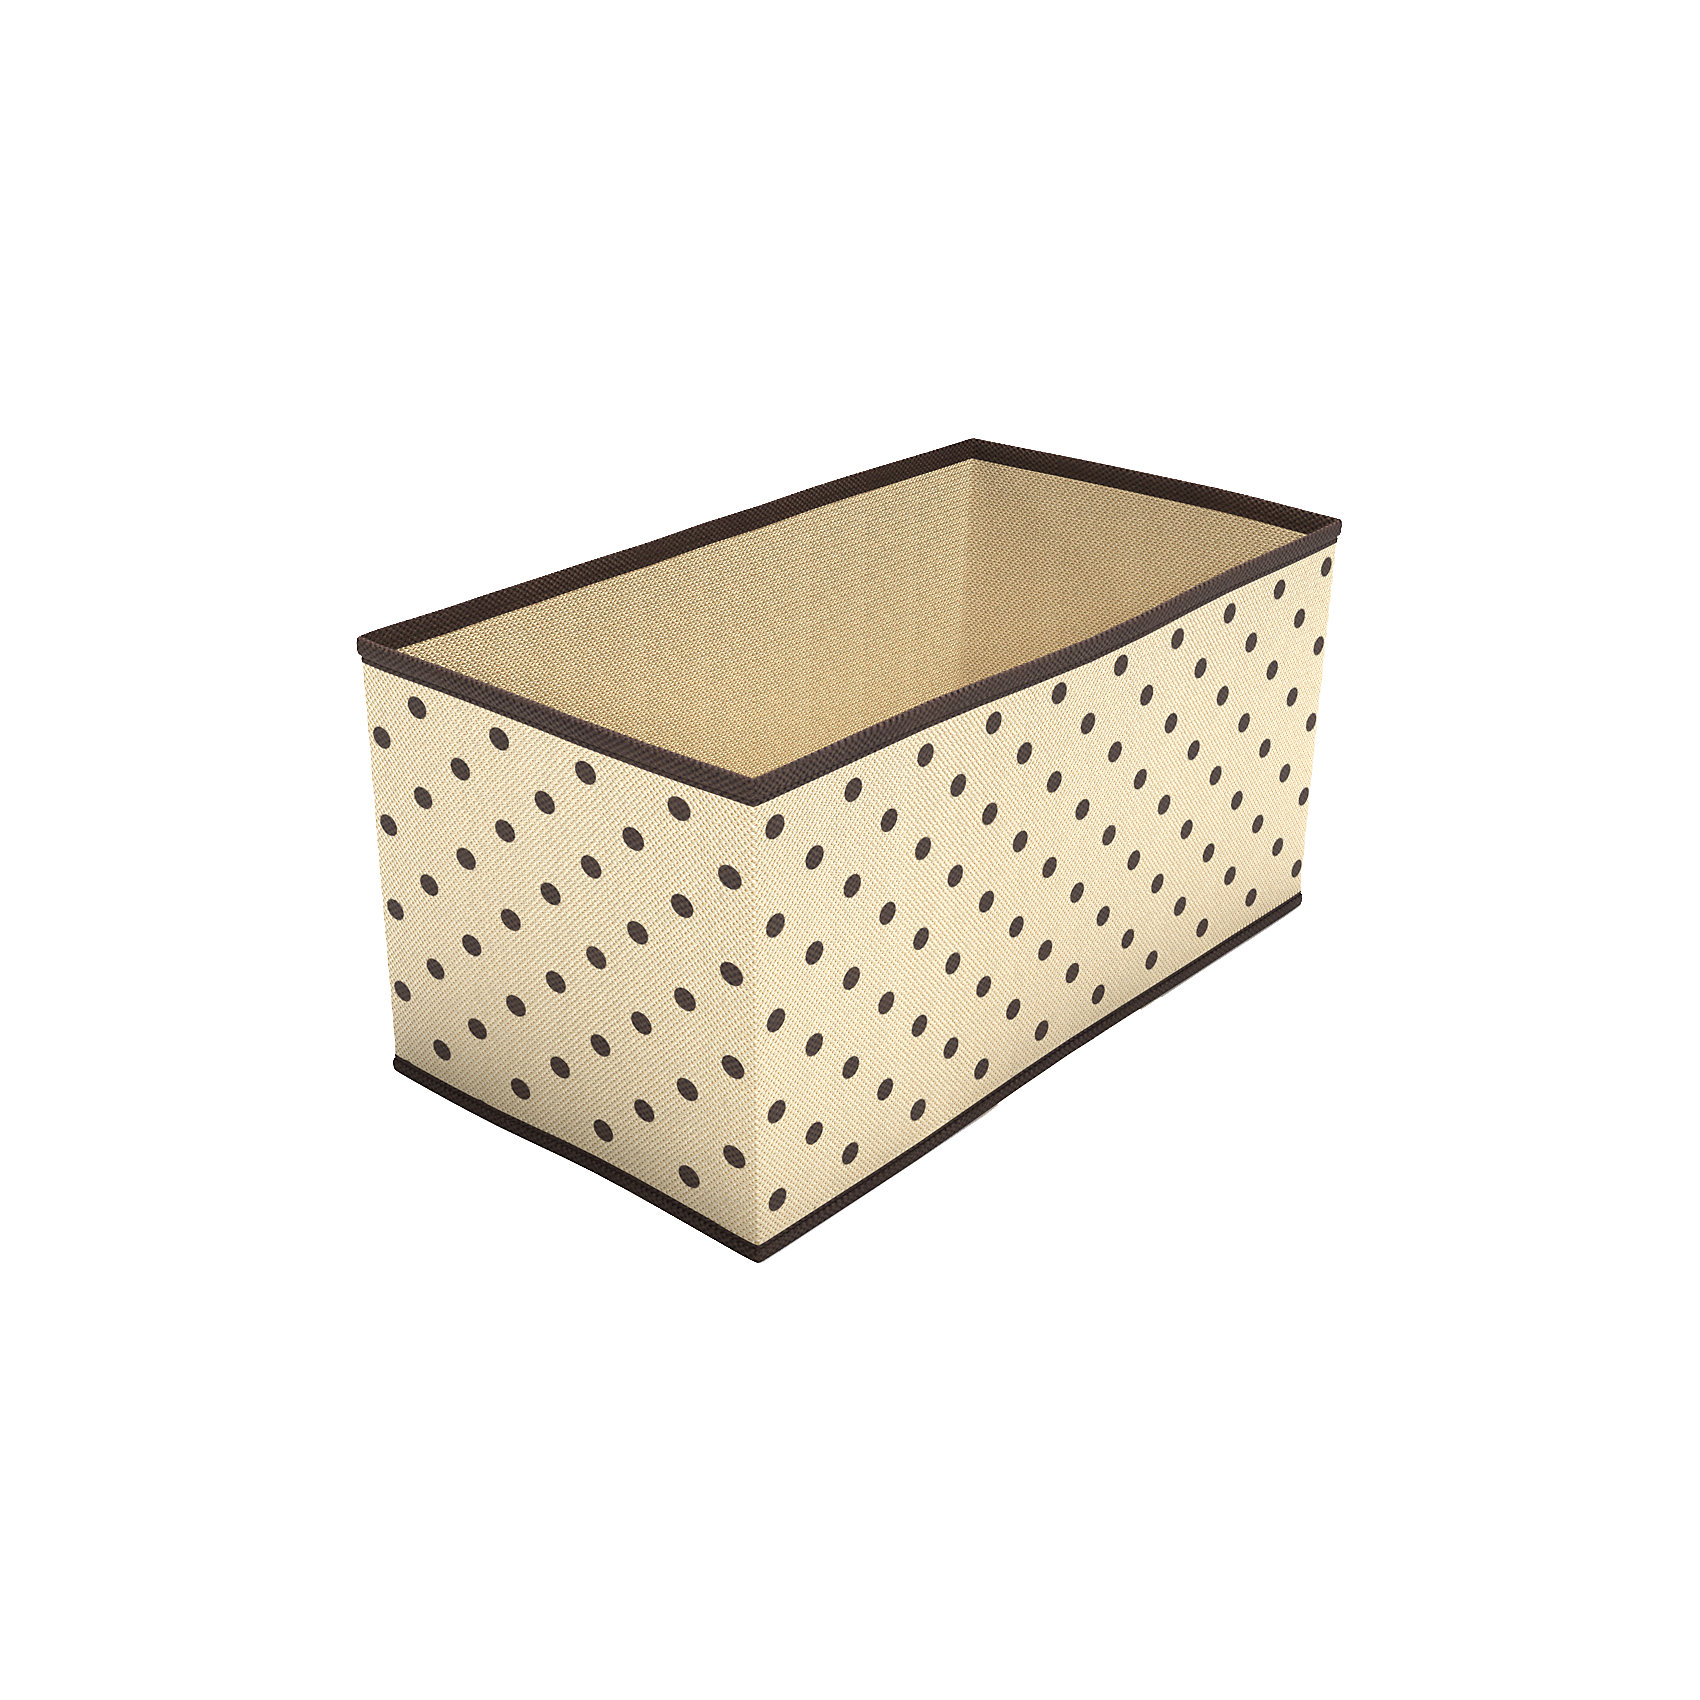 Коробка для вещей в прихожую, гардеробную, HomsuПорядок в детской<br>Характеристики товара:<br><br>• цвет: бежевый<br>• материал: полиэстер, картон<br>• размер: 25х25х30 см<br>• вес: 300 г<br>• легкий прочный каркас<br>• обеспечивает естественную вентиляцию<br>• вместимость: 1 отделение<br>• страна бренда: Россия<br>• страна изготовитель: Китай<br><br>Коробка для вещей в прихожую, гардеробную от бренда Homsu (Хомсу) - очень удобная вещь для хранения вещей и эргономичной организации пространства.<br><br>Предмет легкий, устойчивый, вместительный, обеспечивает естественную вентиляцию.<br><br>Коробку для вещей в прихожую, гардеробную, Homsu можно купить в нашем интернет-магазине.<br><br>Ширина мм: 280<br>Глубина мм: 150<br>Высота мм: 20<br>Вес г: 150<br>Возраст от месяцев: 216<br>Возраст до месяцев: 1188<br>Пол: Унисекс<br>Возраст: Детский<br>SKU: 5620089